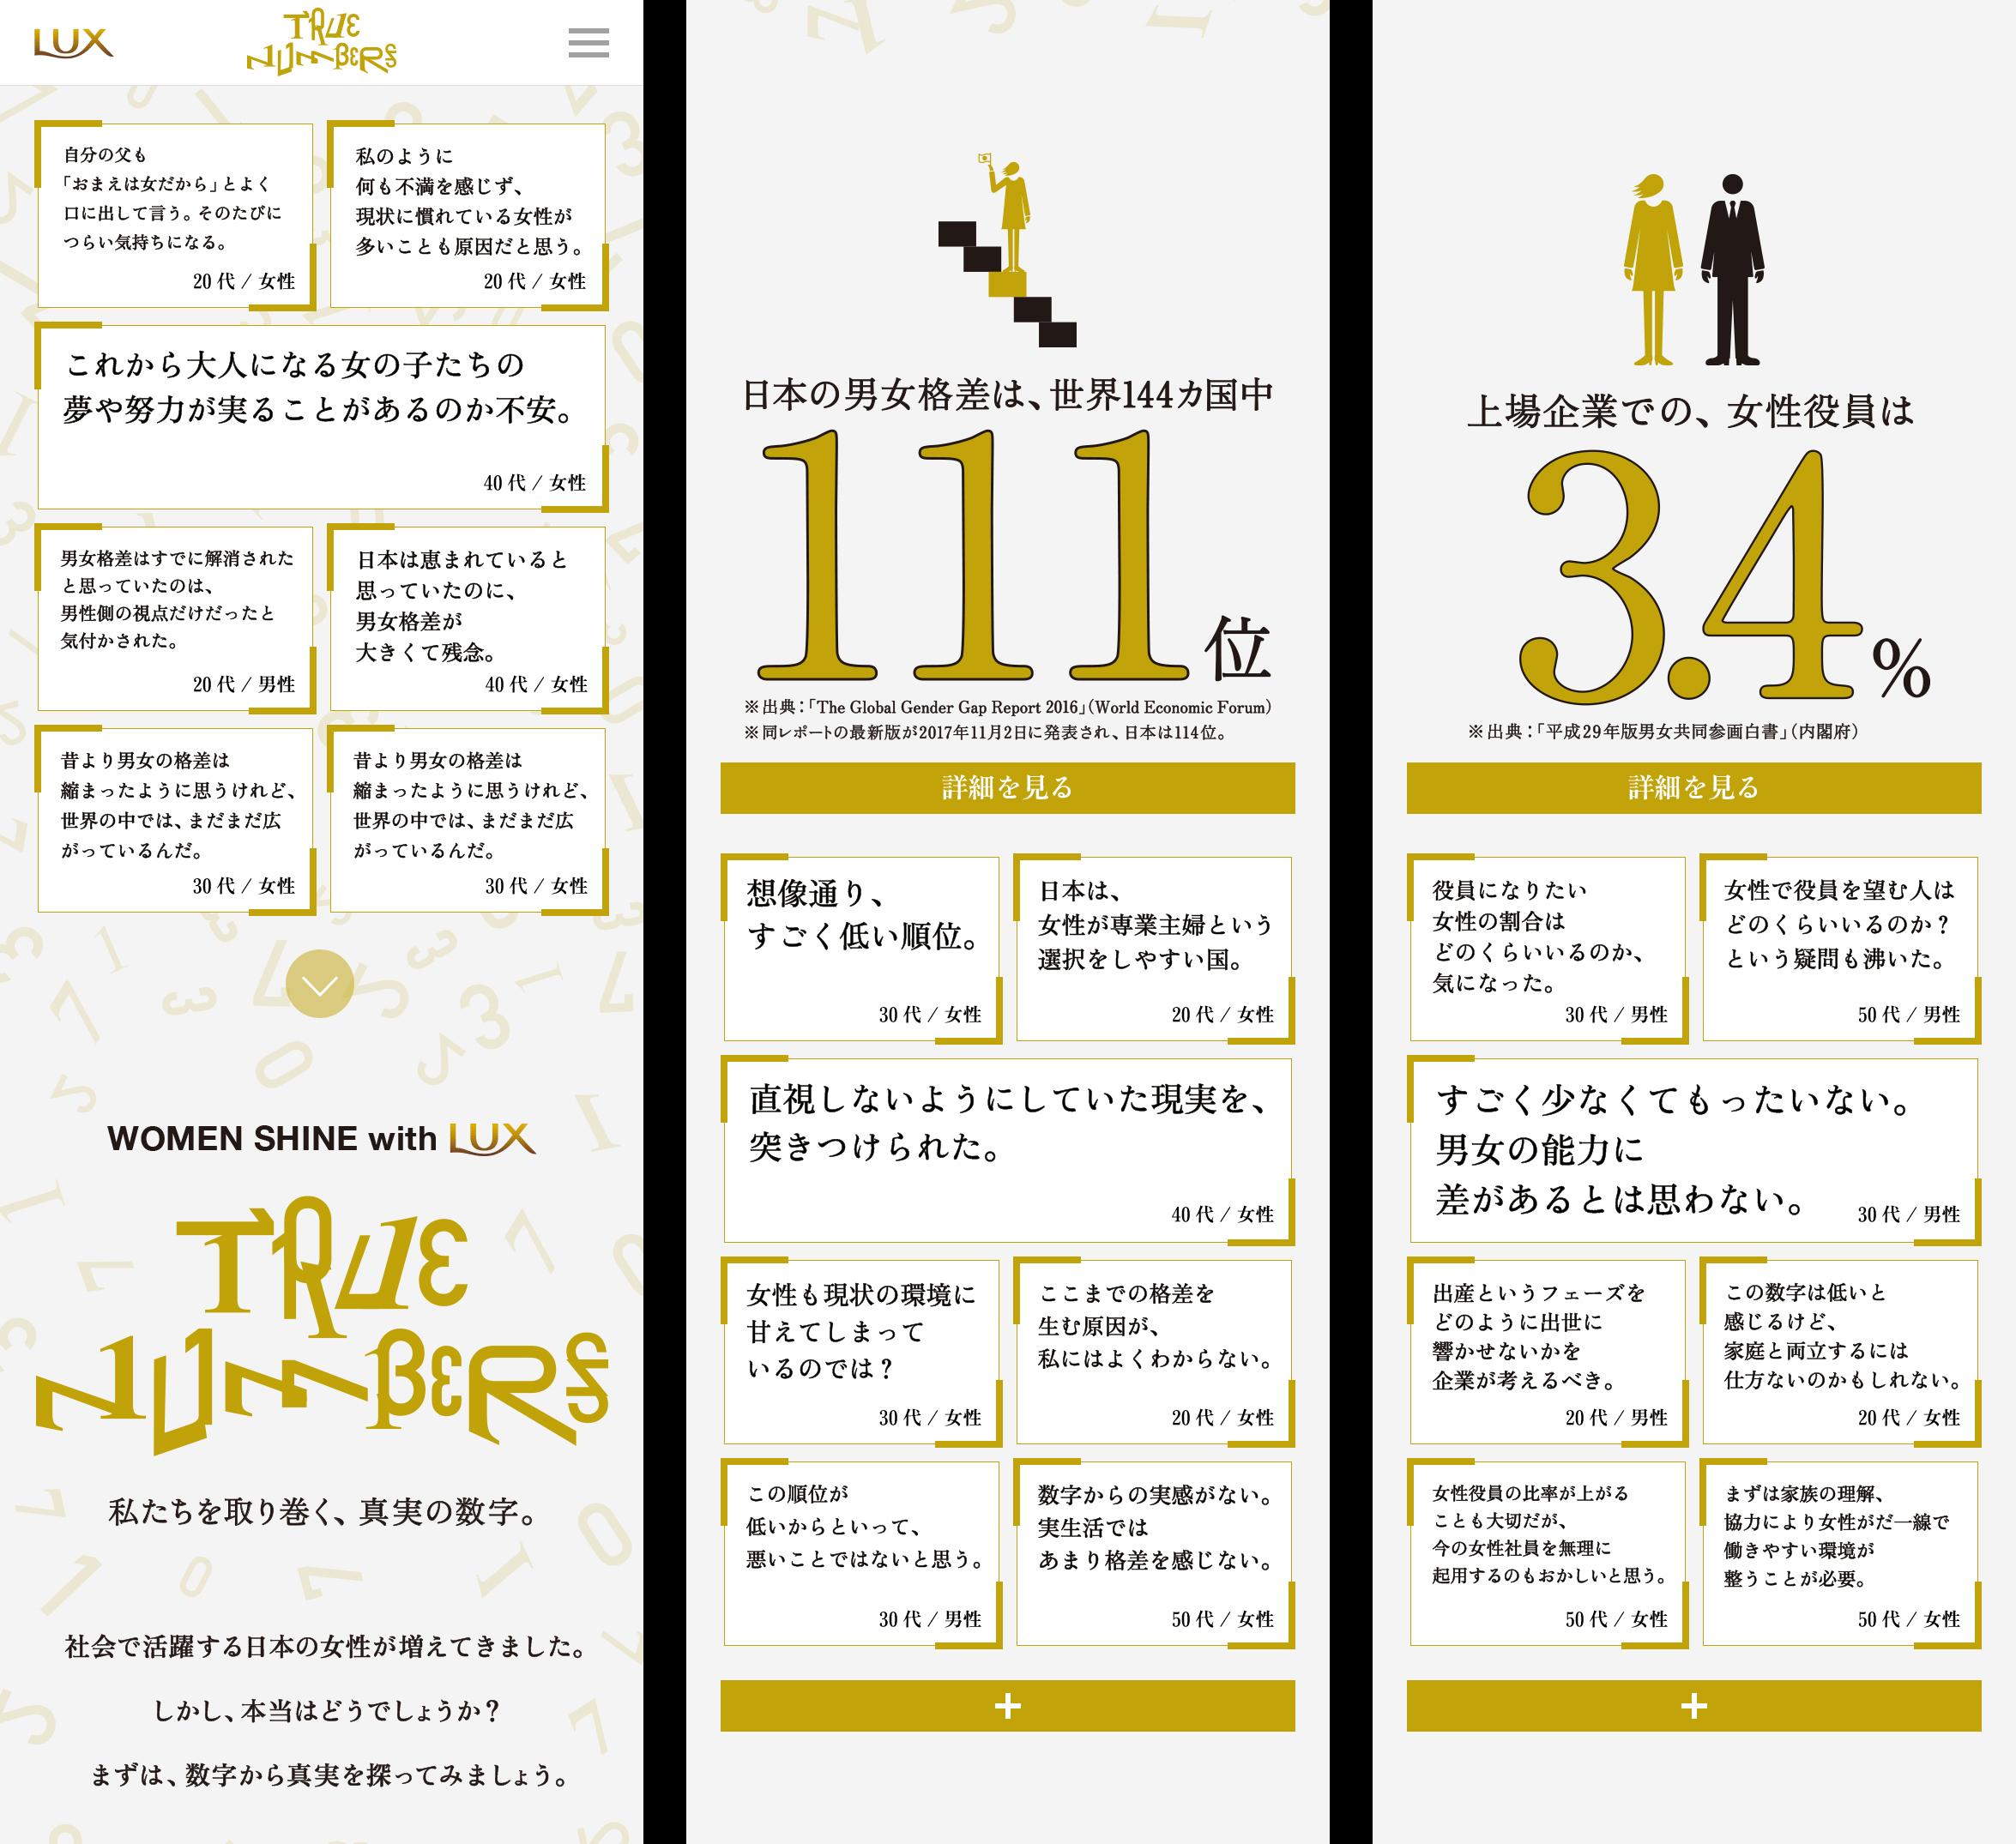 ユニリーバ「LUX TRUE NUMBERS」プロモーションサイト